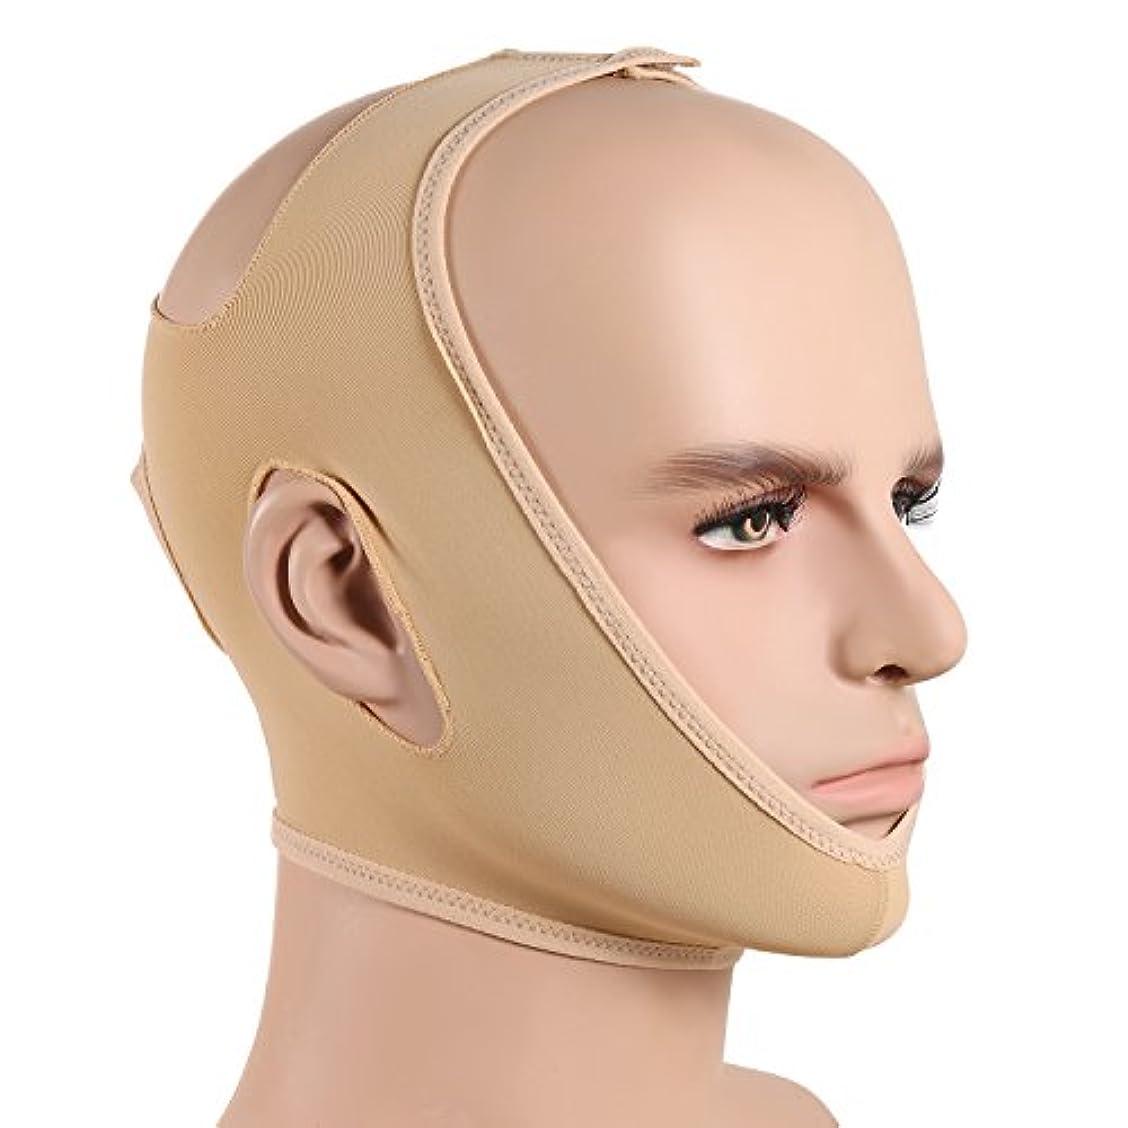 政治家対立呼ぶJewelryWe 小顔ベルト 美顔マスク 眠りながら 小顔 矯正 額、顎下、頬リフトアップ 小顔マスク 男女兼用 Mサイズ